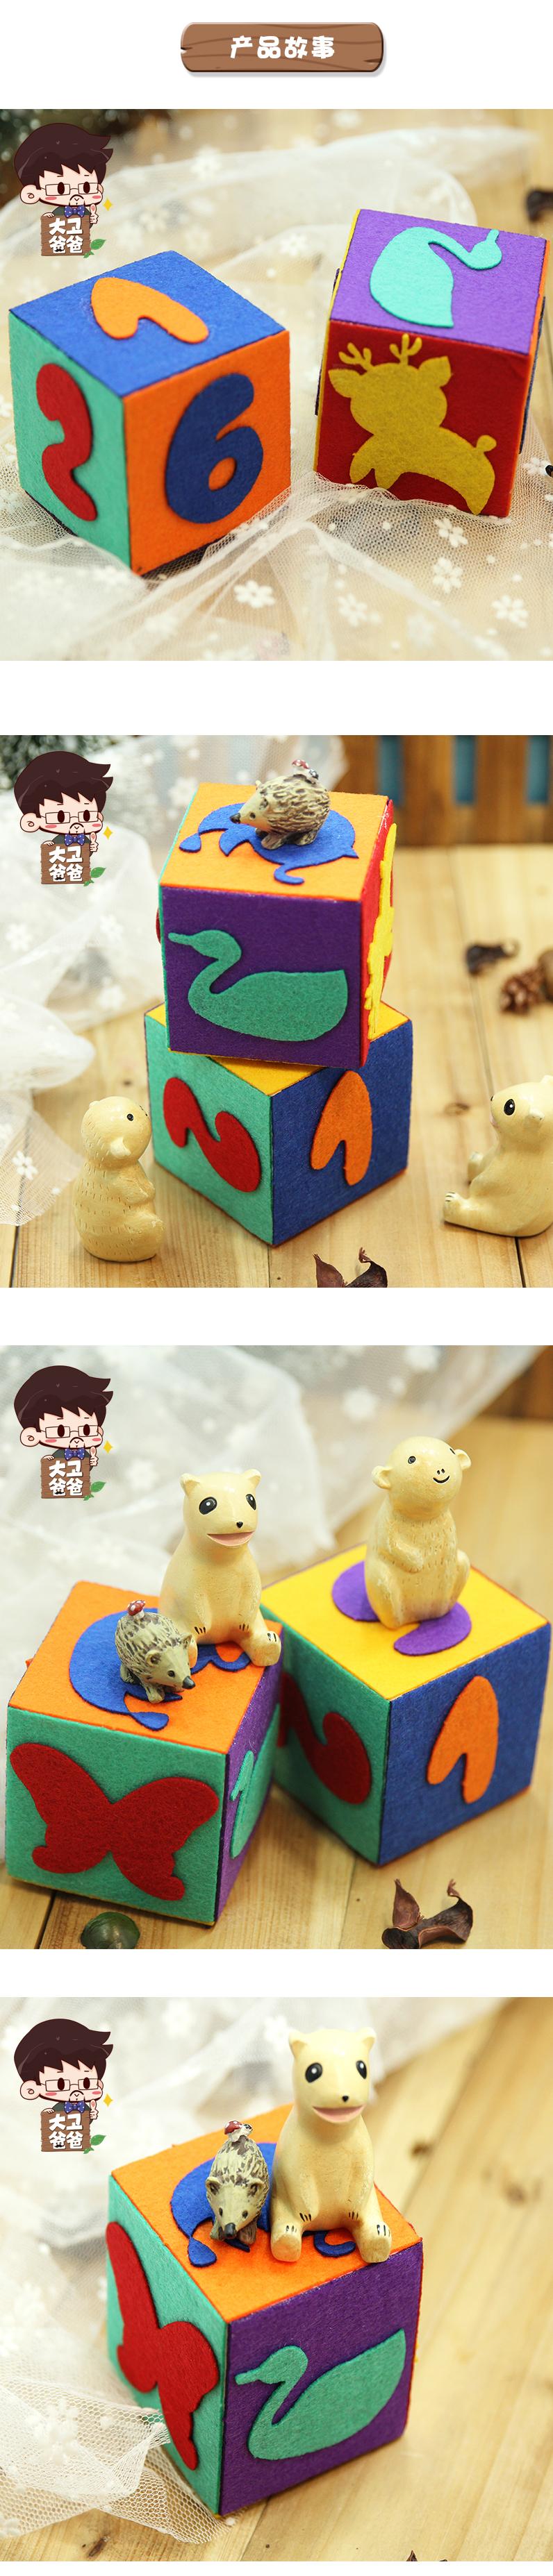 免裁剪骰子游戏 不织布儿童手工diy制作材料包幼儿园早教玩具教具